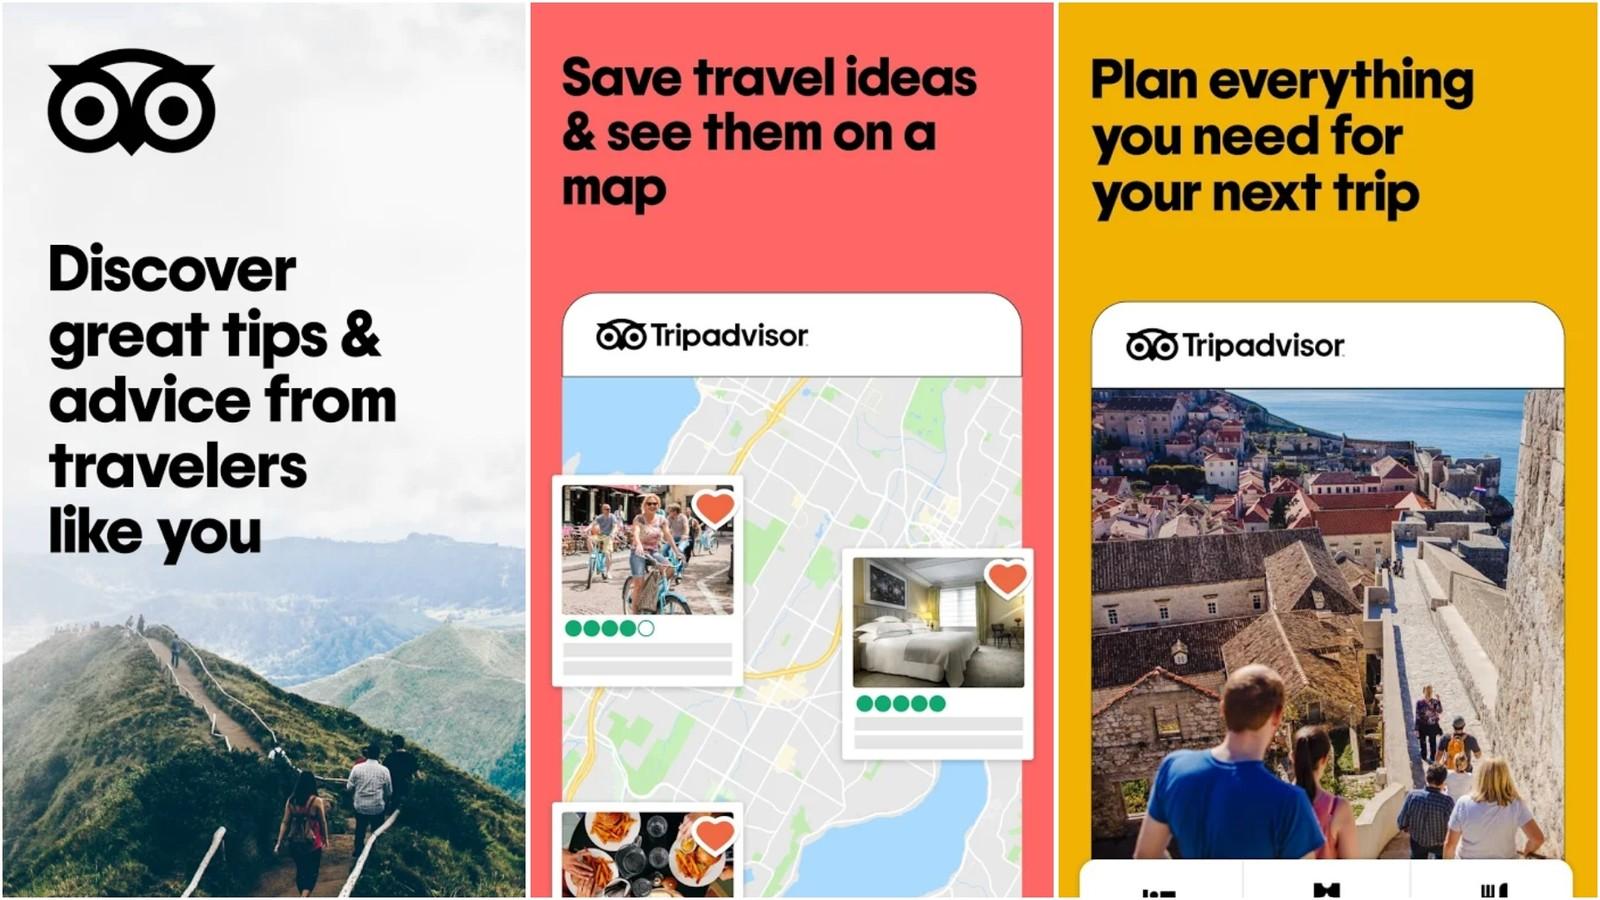 Image de la grille de l'application Tripadvisor